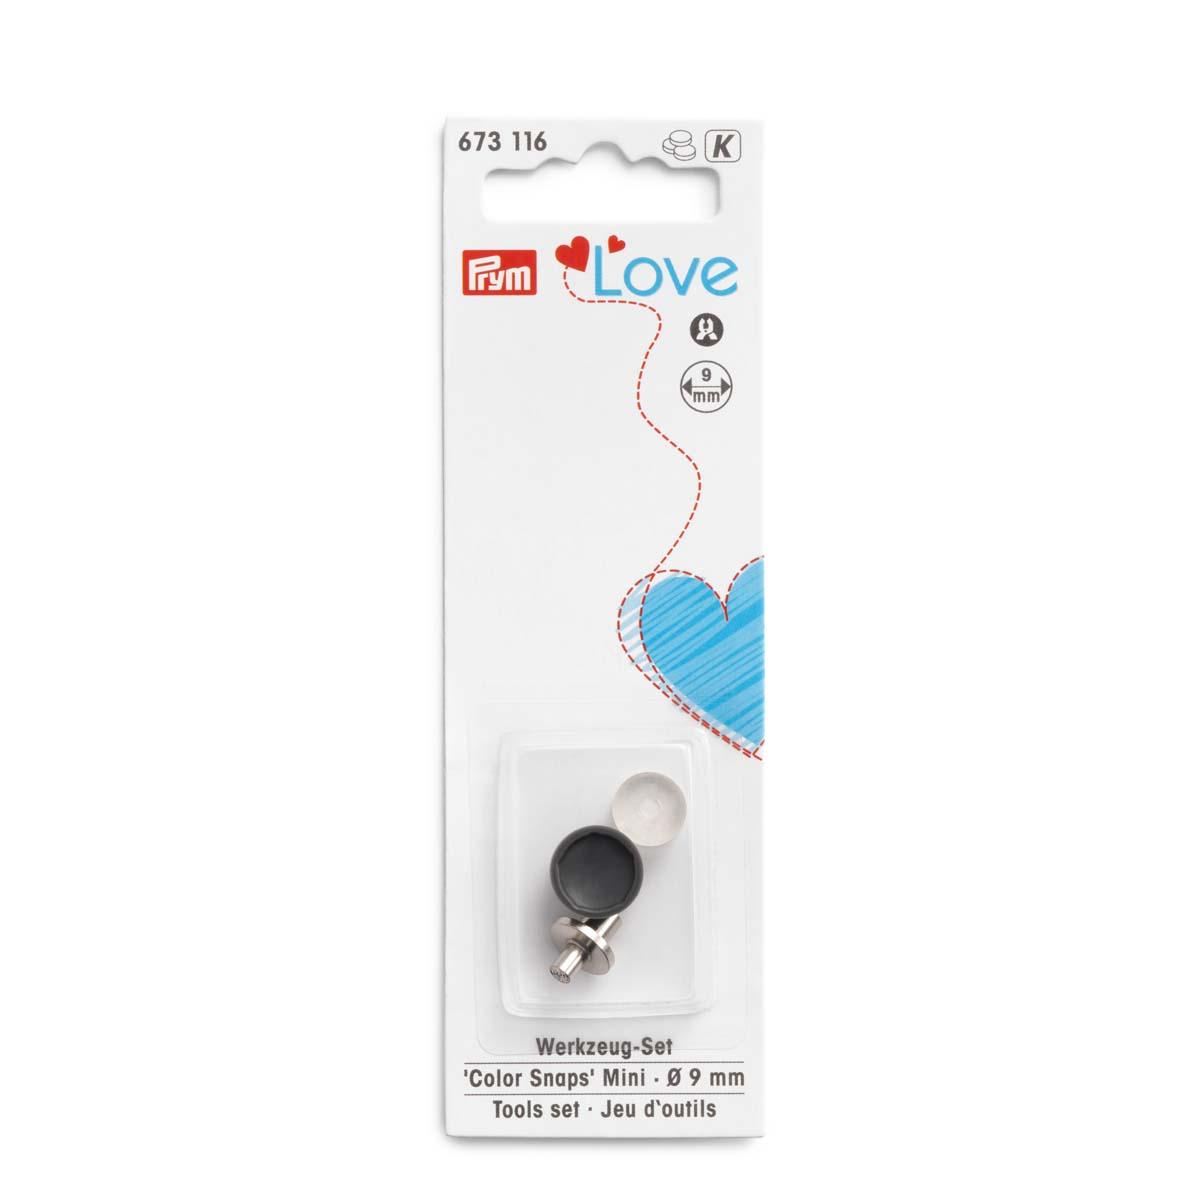 673116 Набор инструментов для установки кнопок Color Snaps Mini PrymLove, 1шт Prym